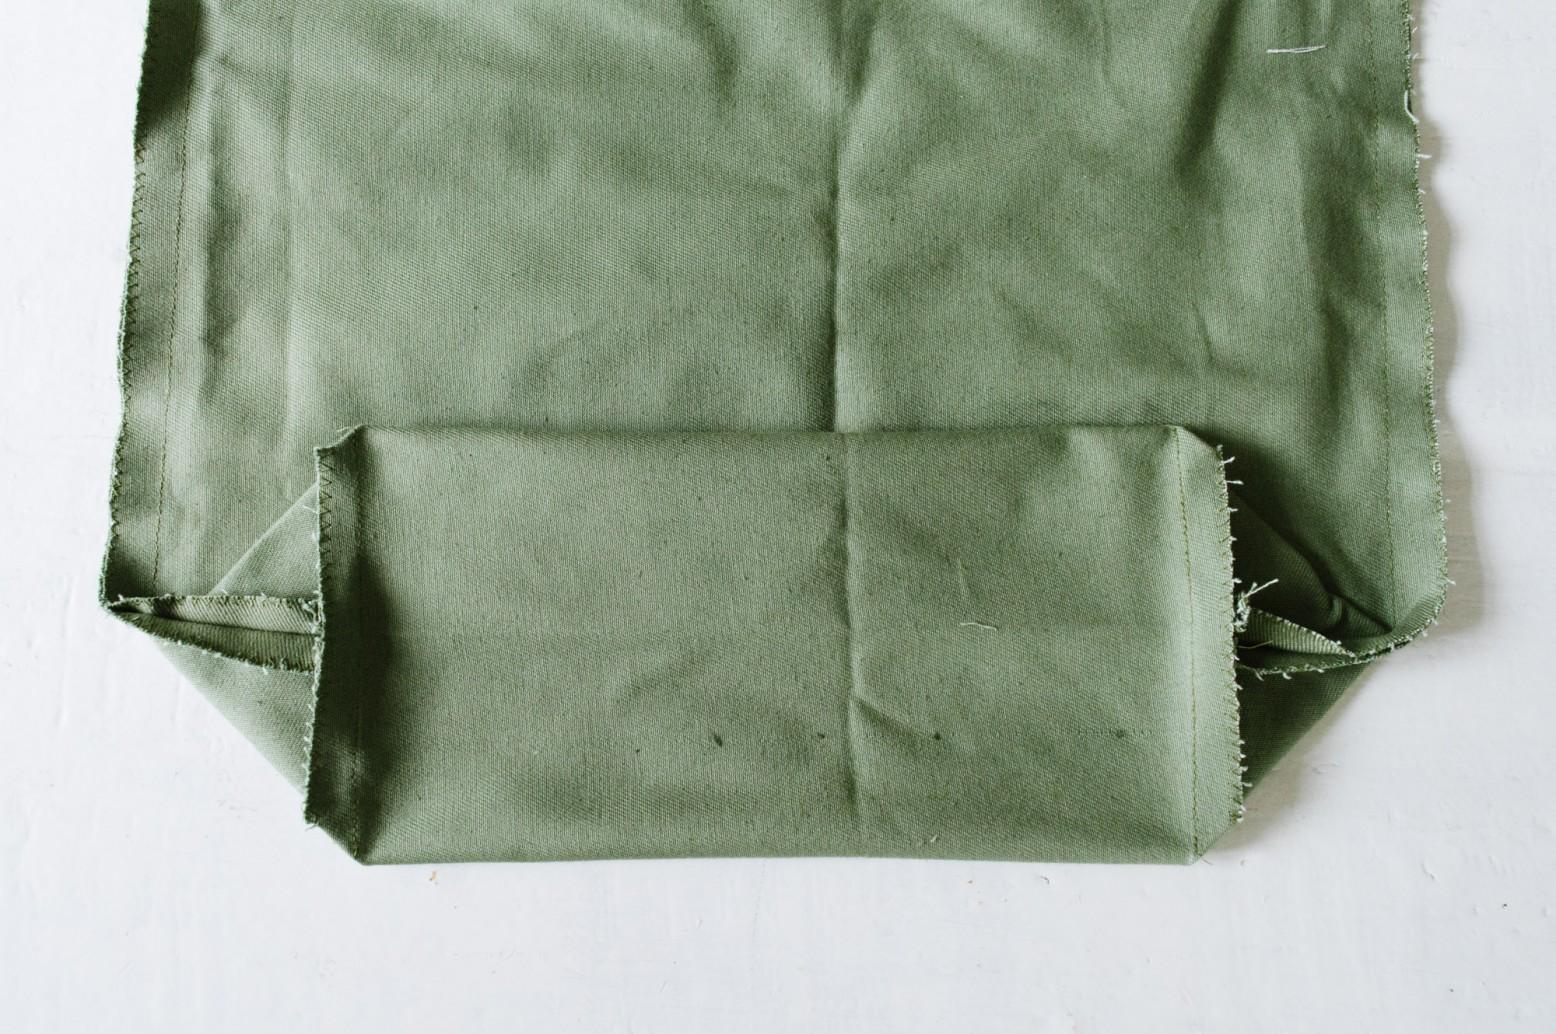 Cách may túi vải tại nhà - khâu đáy túi